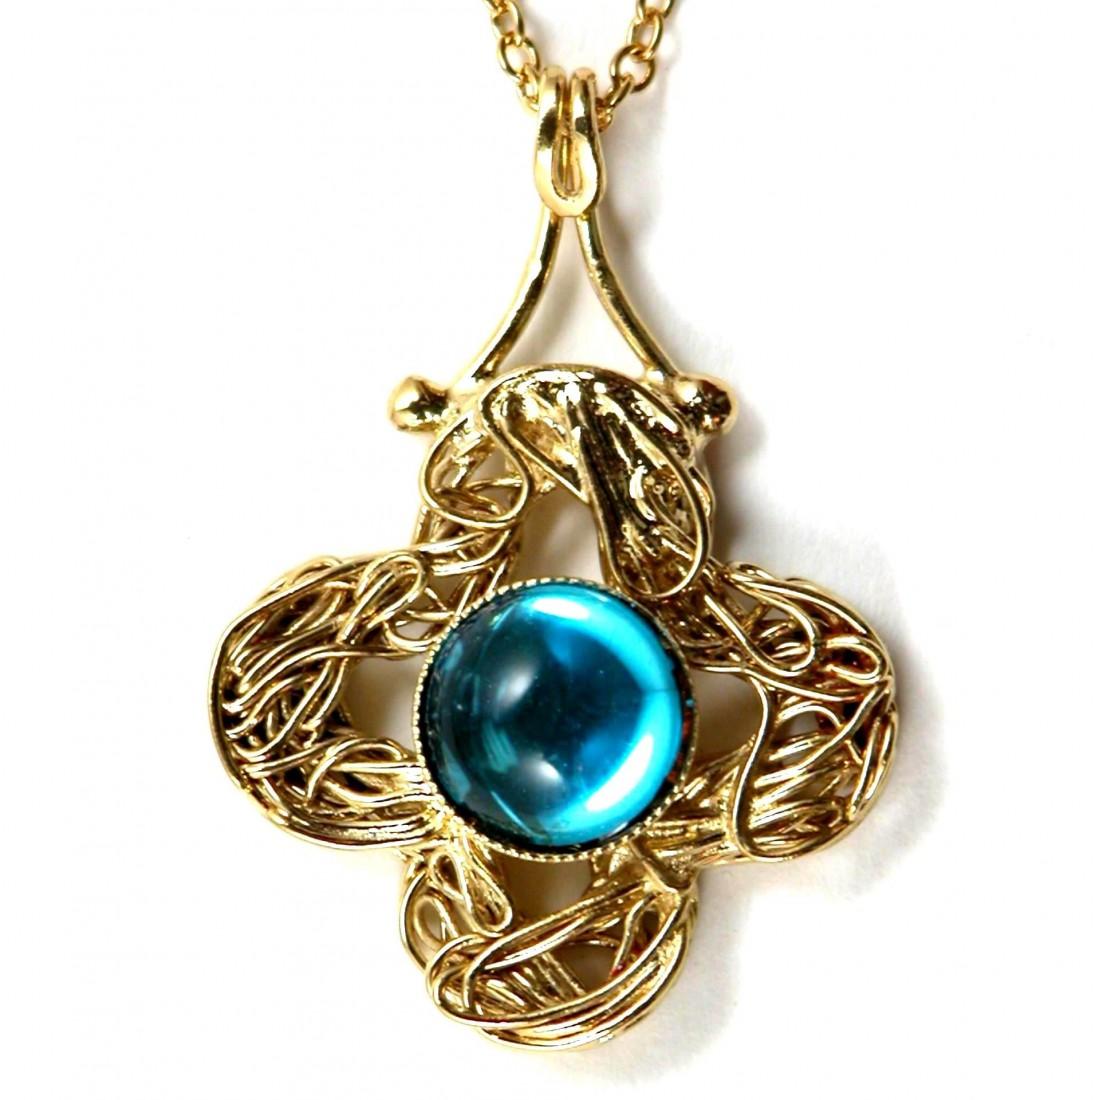 La croix bleue en pendentif-bijou fait main